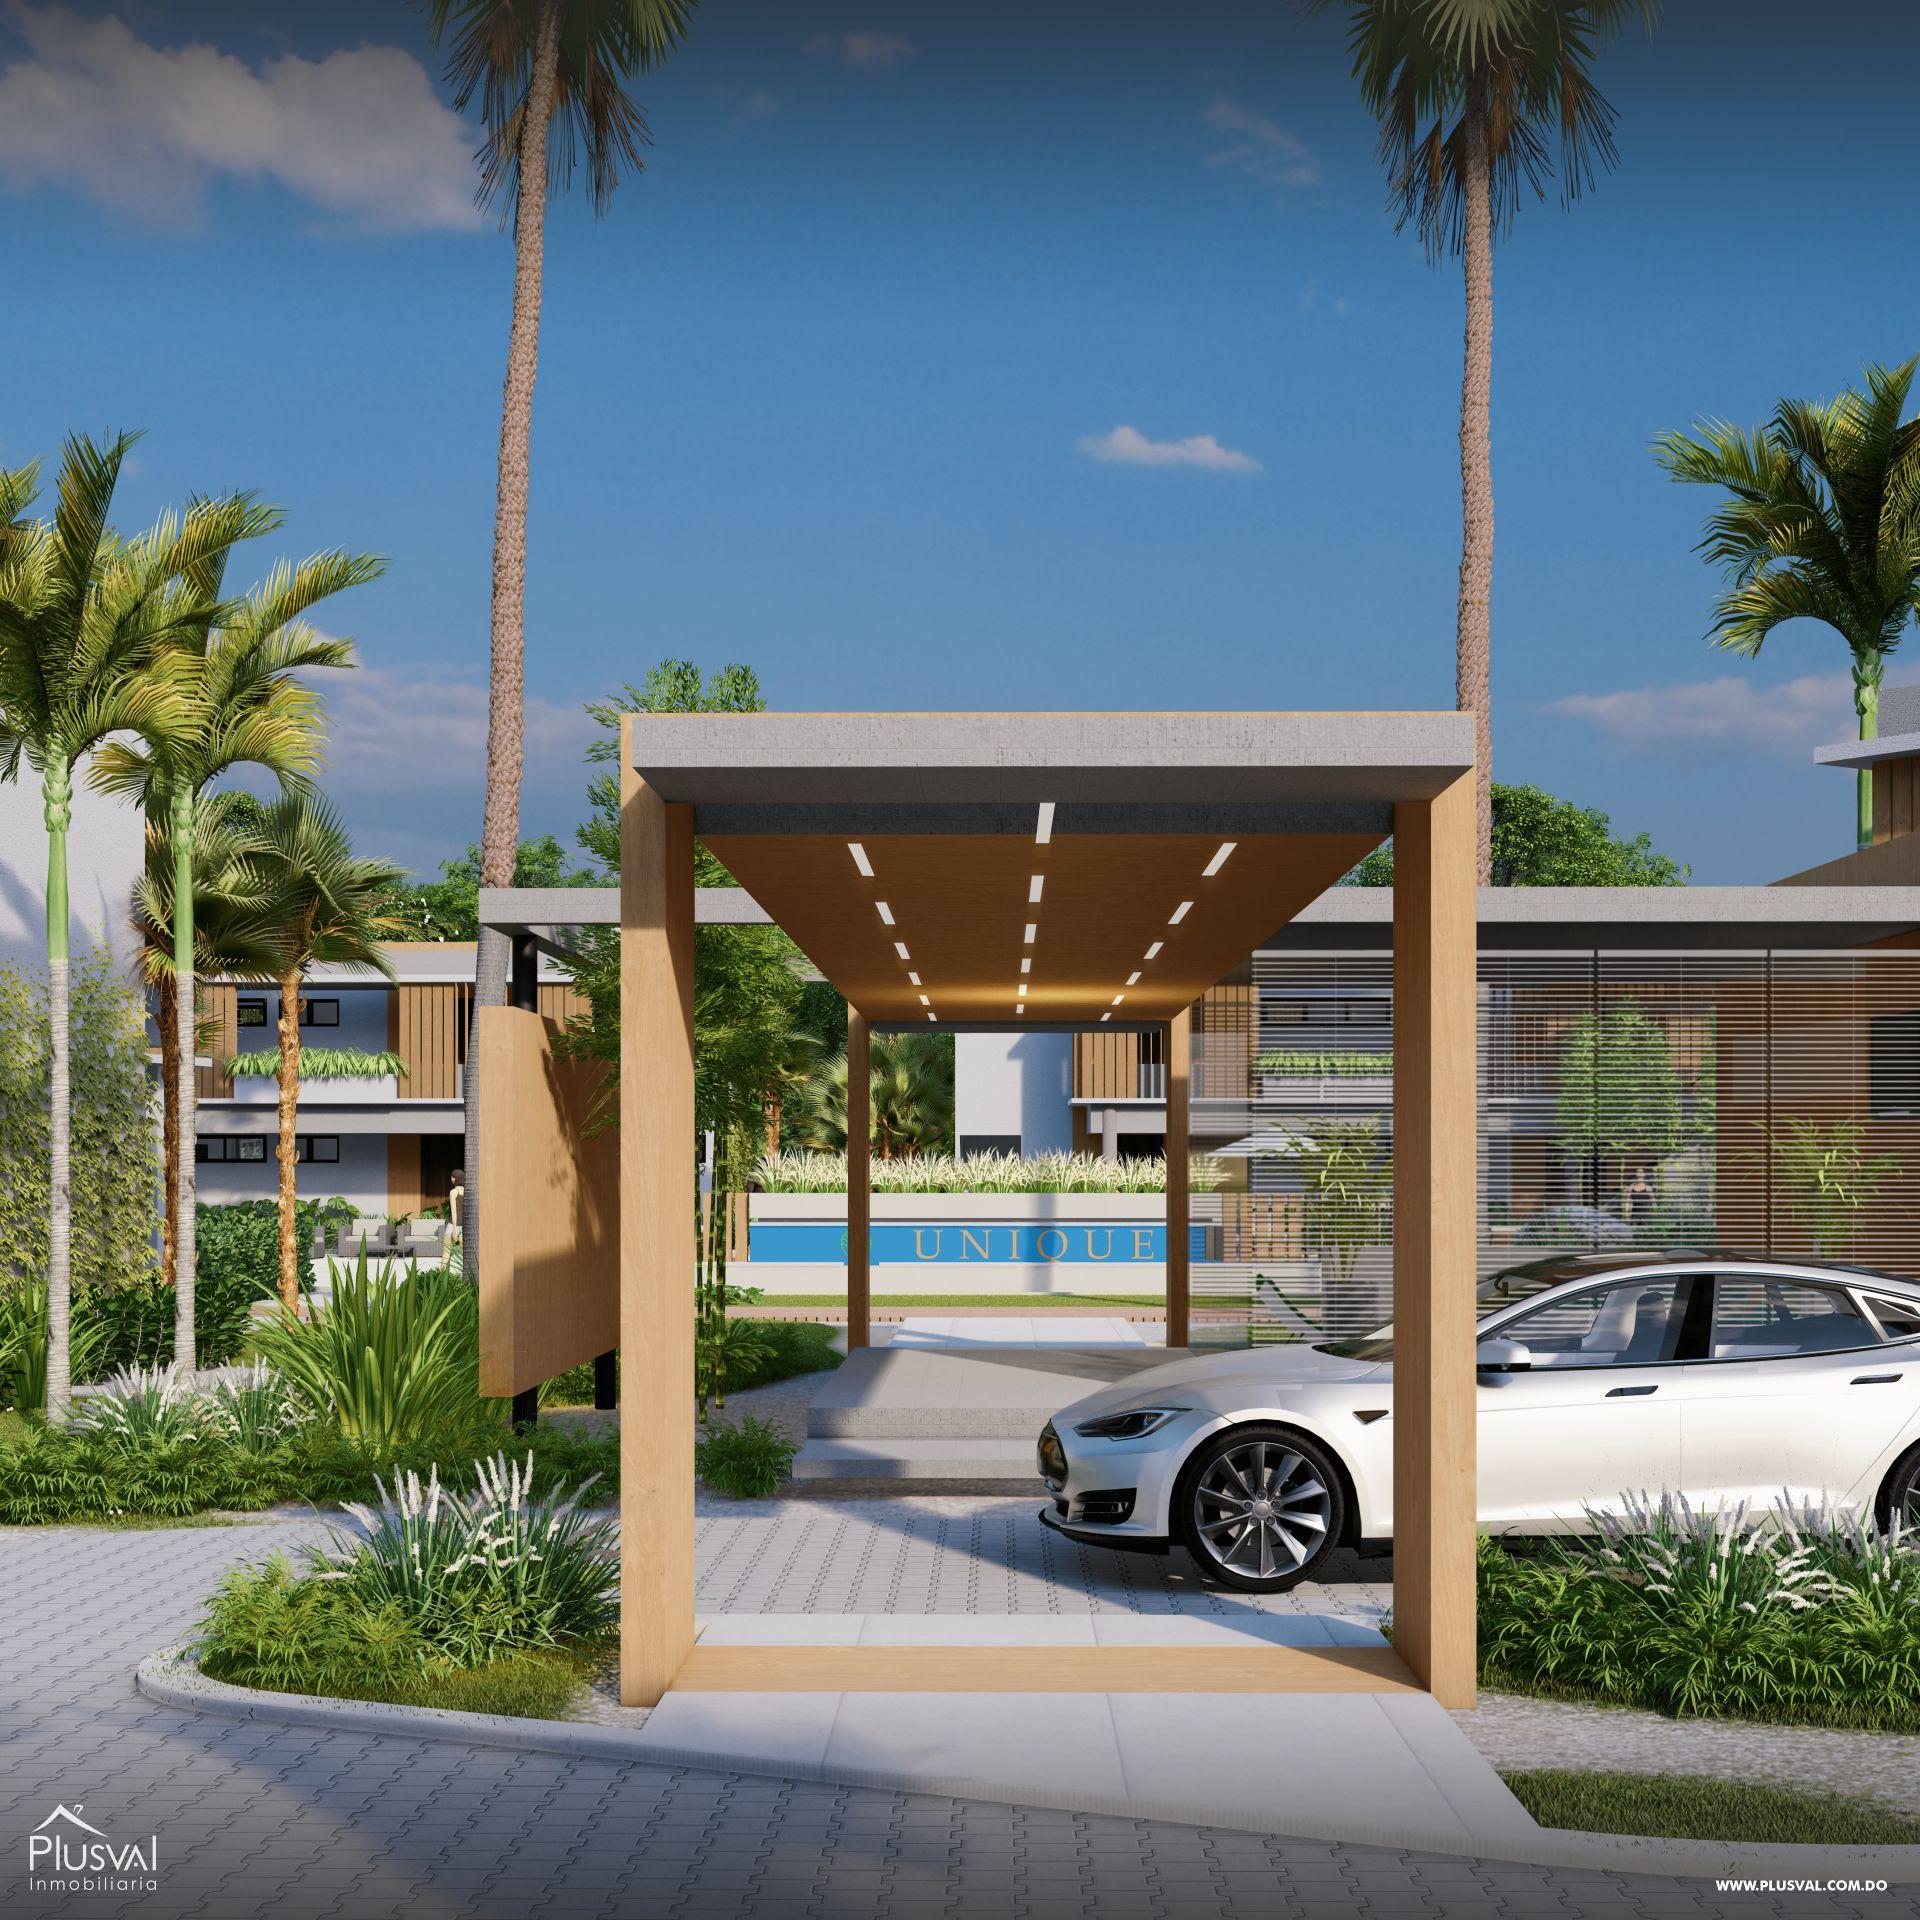 Apartamentos de 1 y 2 Habitaciones en Venta, en la zona de Punta Cana 181169